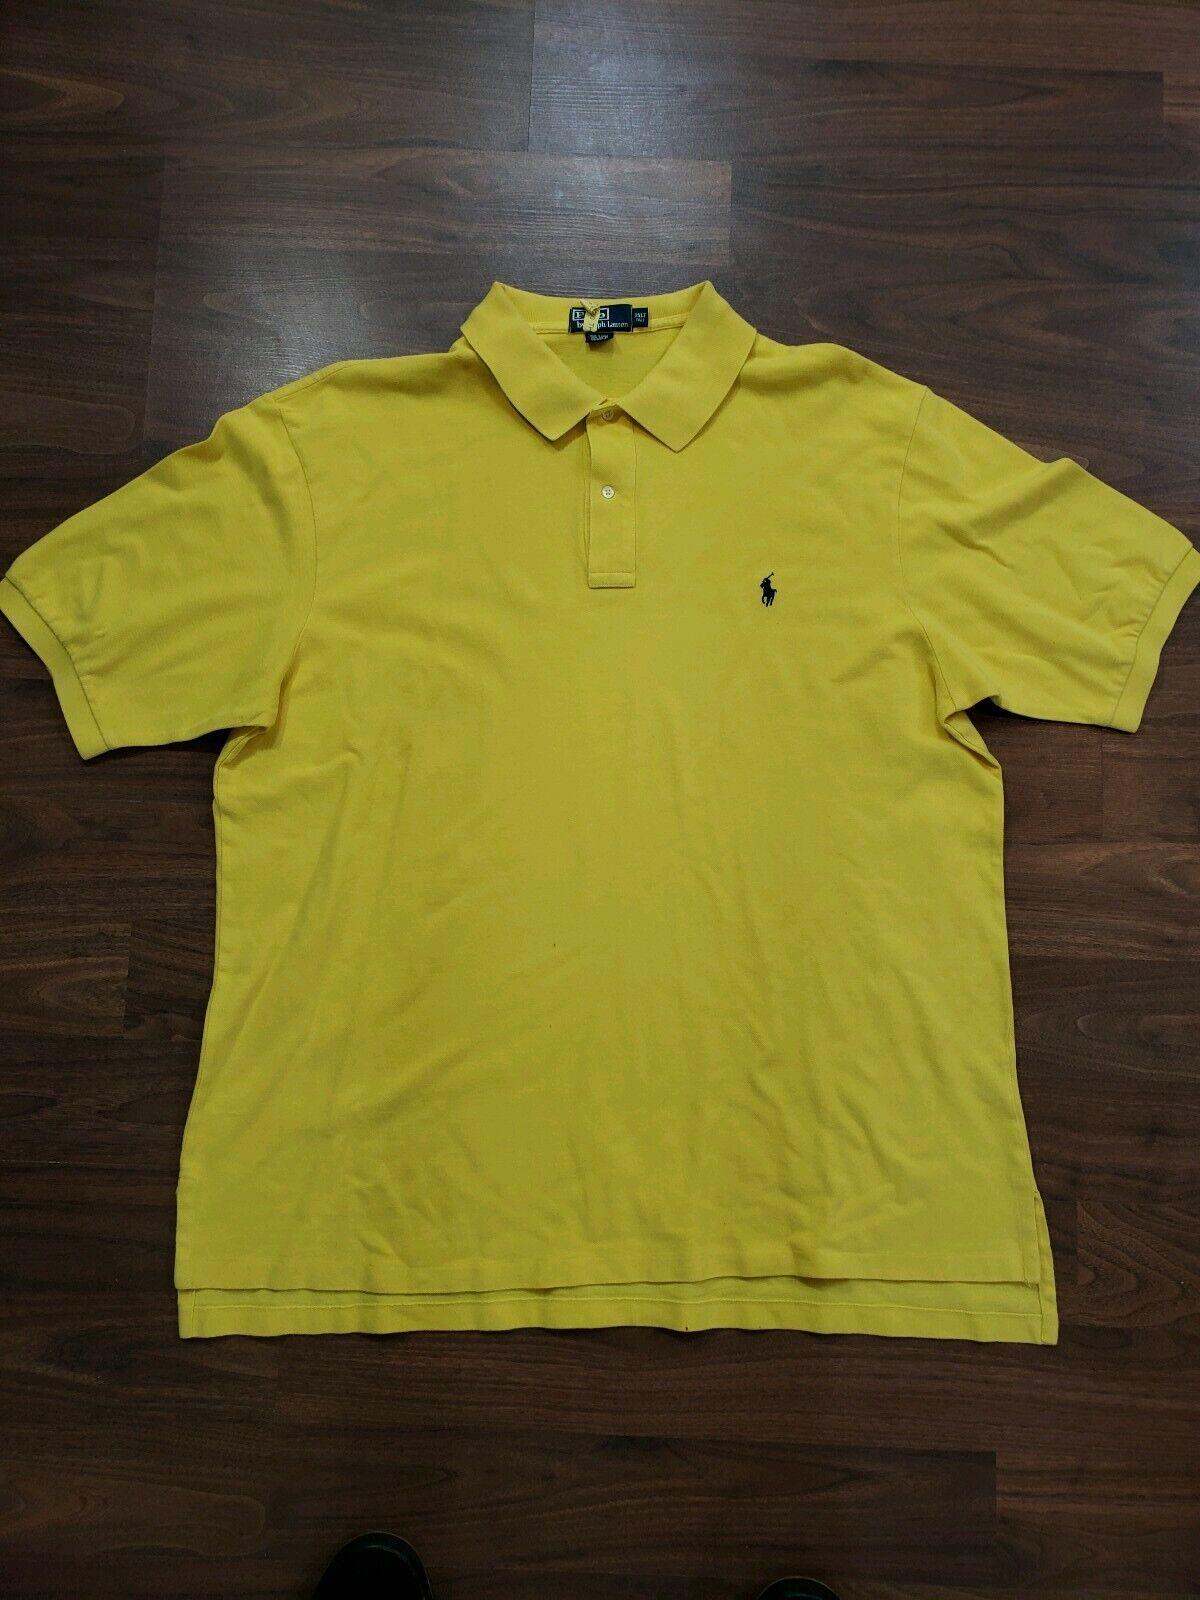 04d8ff778 Polo Ralph Lauren Men s   Tall Style Shirt Size 2XLT Big Polo ...